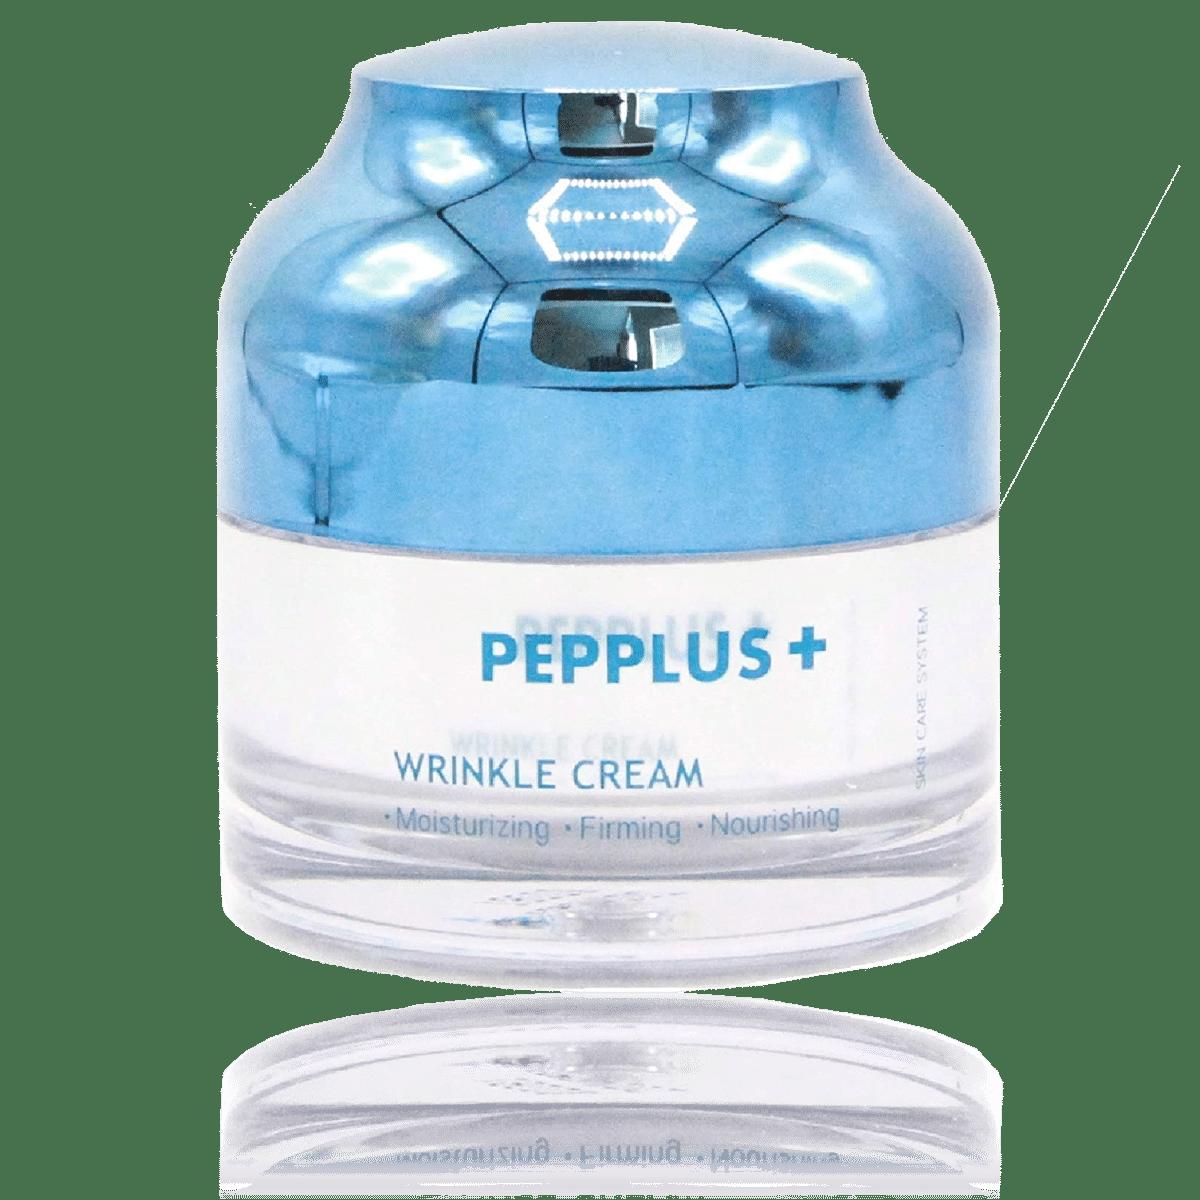 wrinkle-cream-pepplus-estetica-cruz-merinero